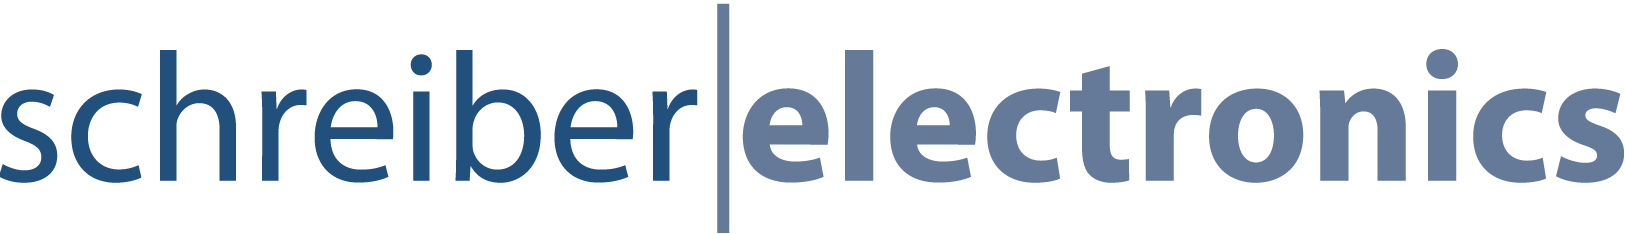 Handy Druckluftspray für Handy-Platine- Neu Kaufen | schreiber-electronics